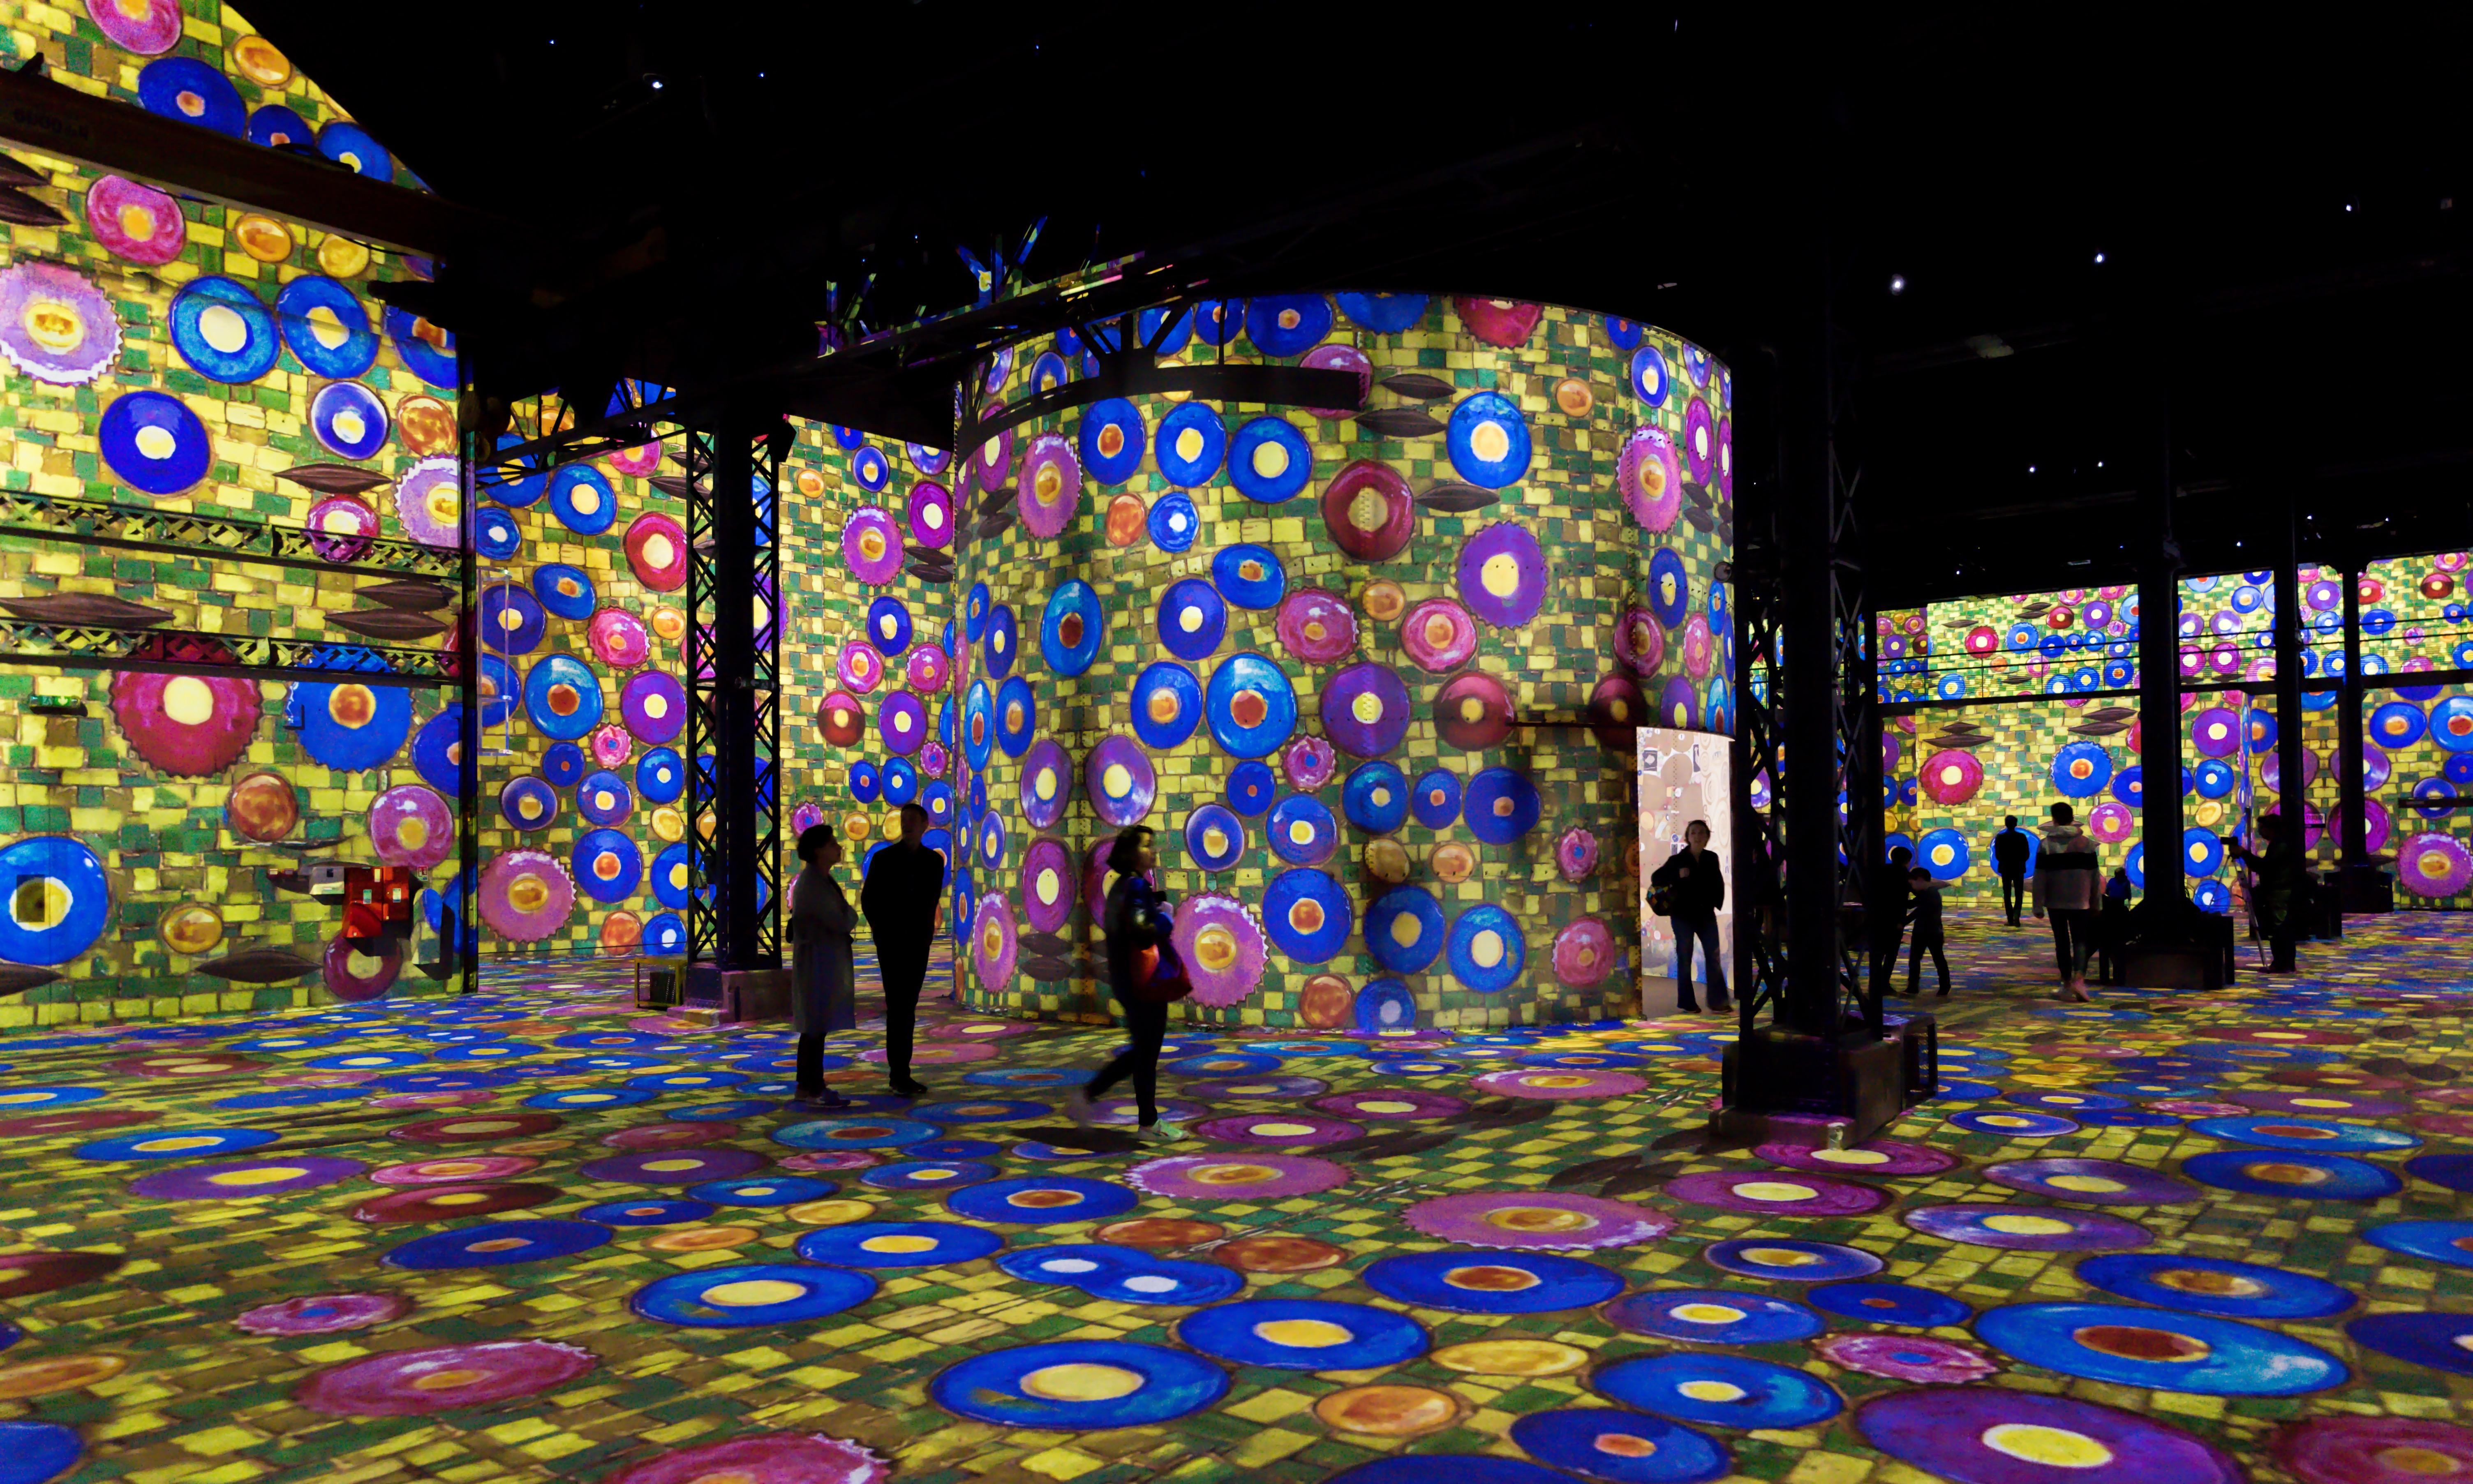 Paris's first digital art museum: all lit up at Atelier des Lumières